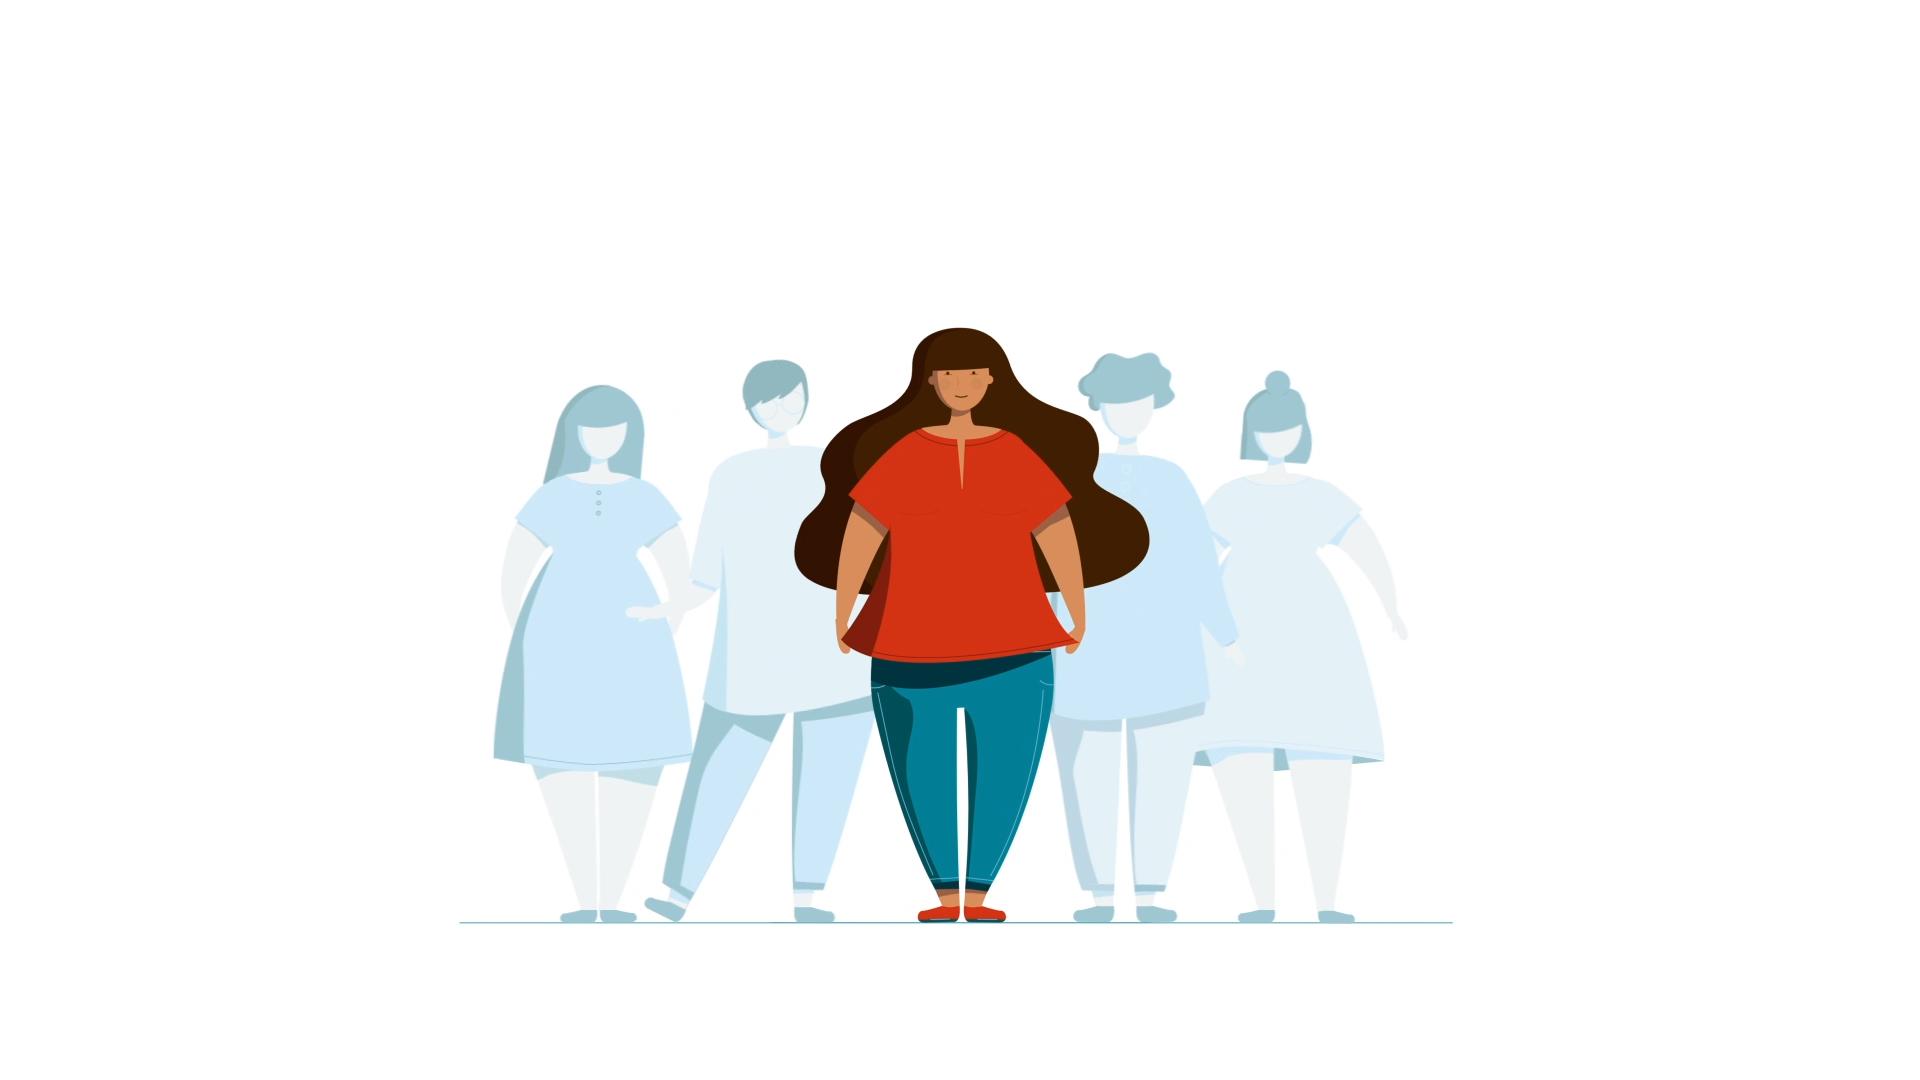 nn_obesity_explainer_portfolio (0-01-23-19)